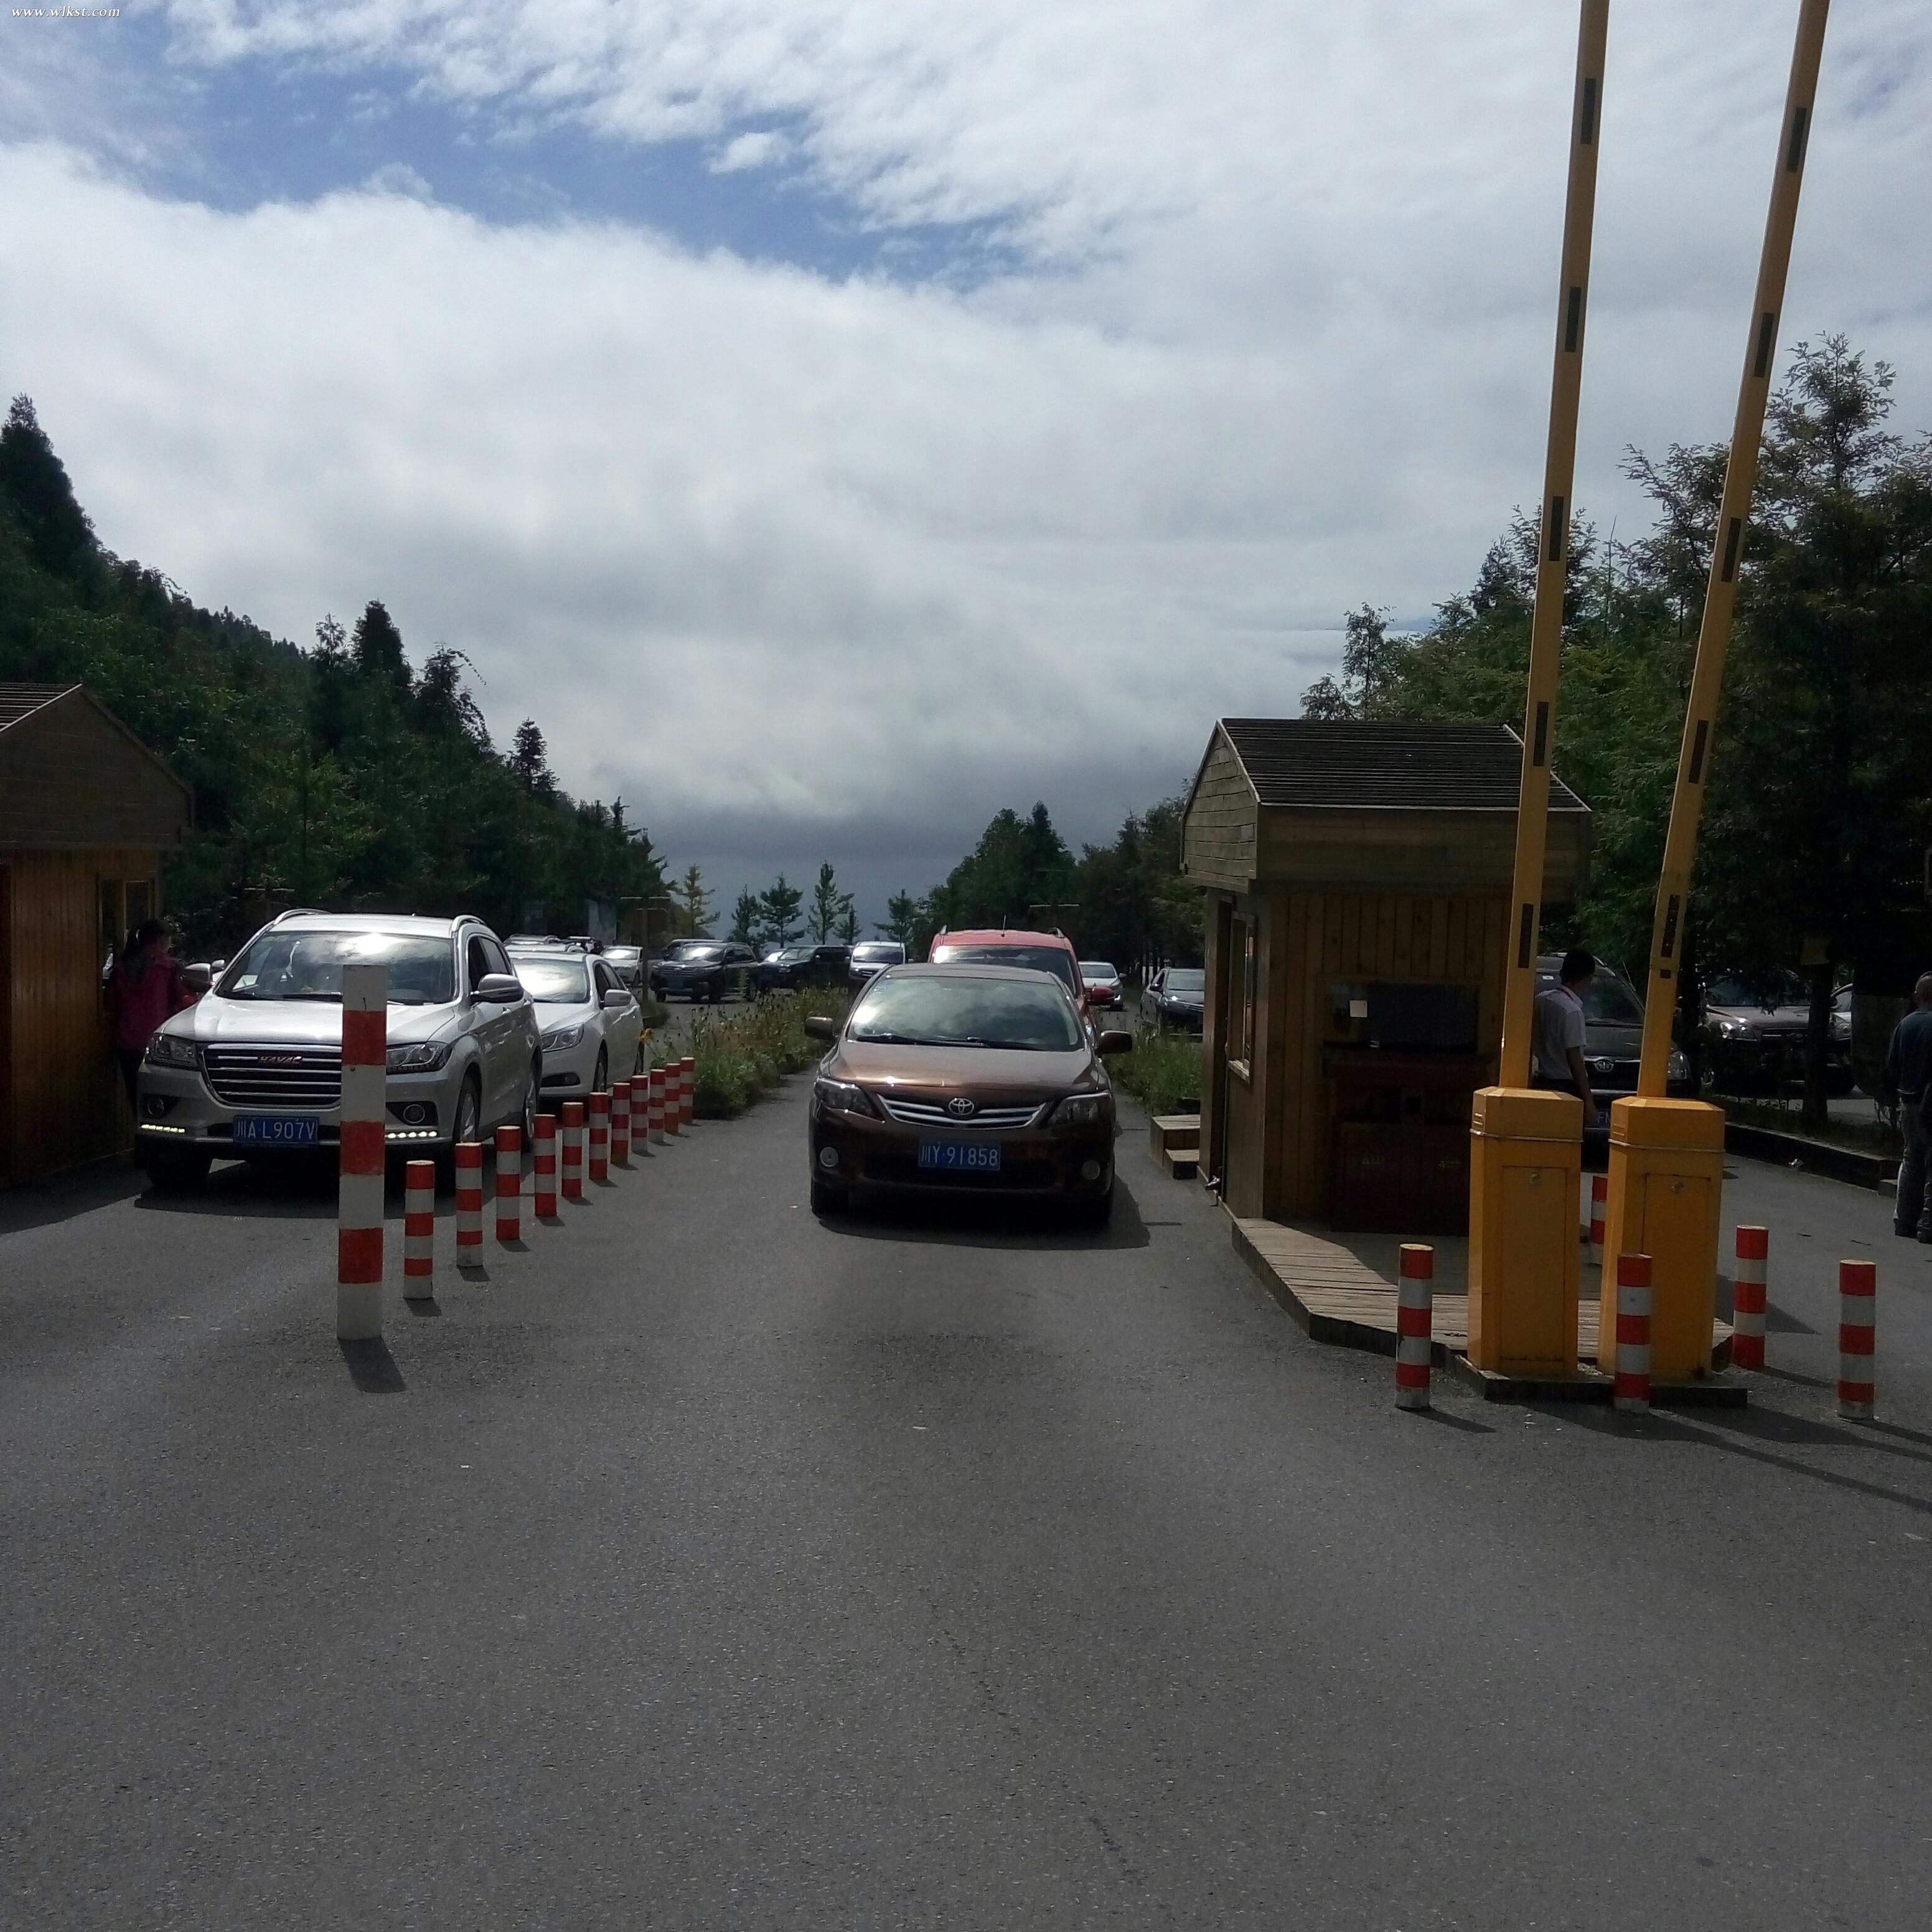 车辆正有序进入仙女山景区